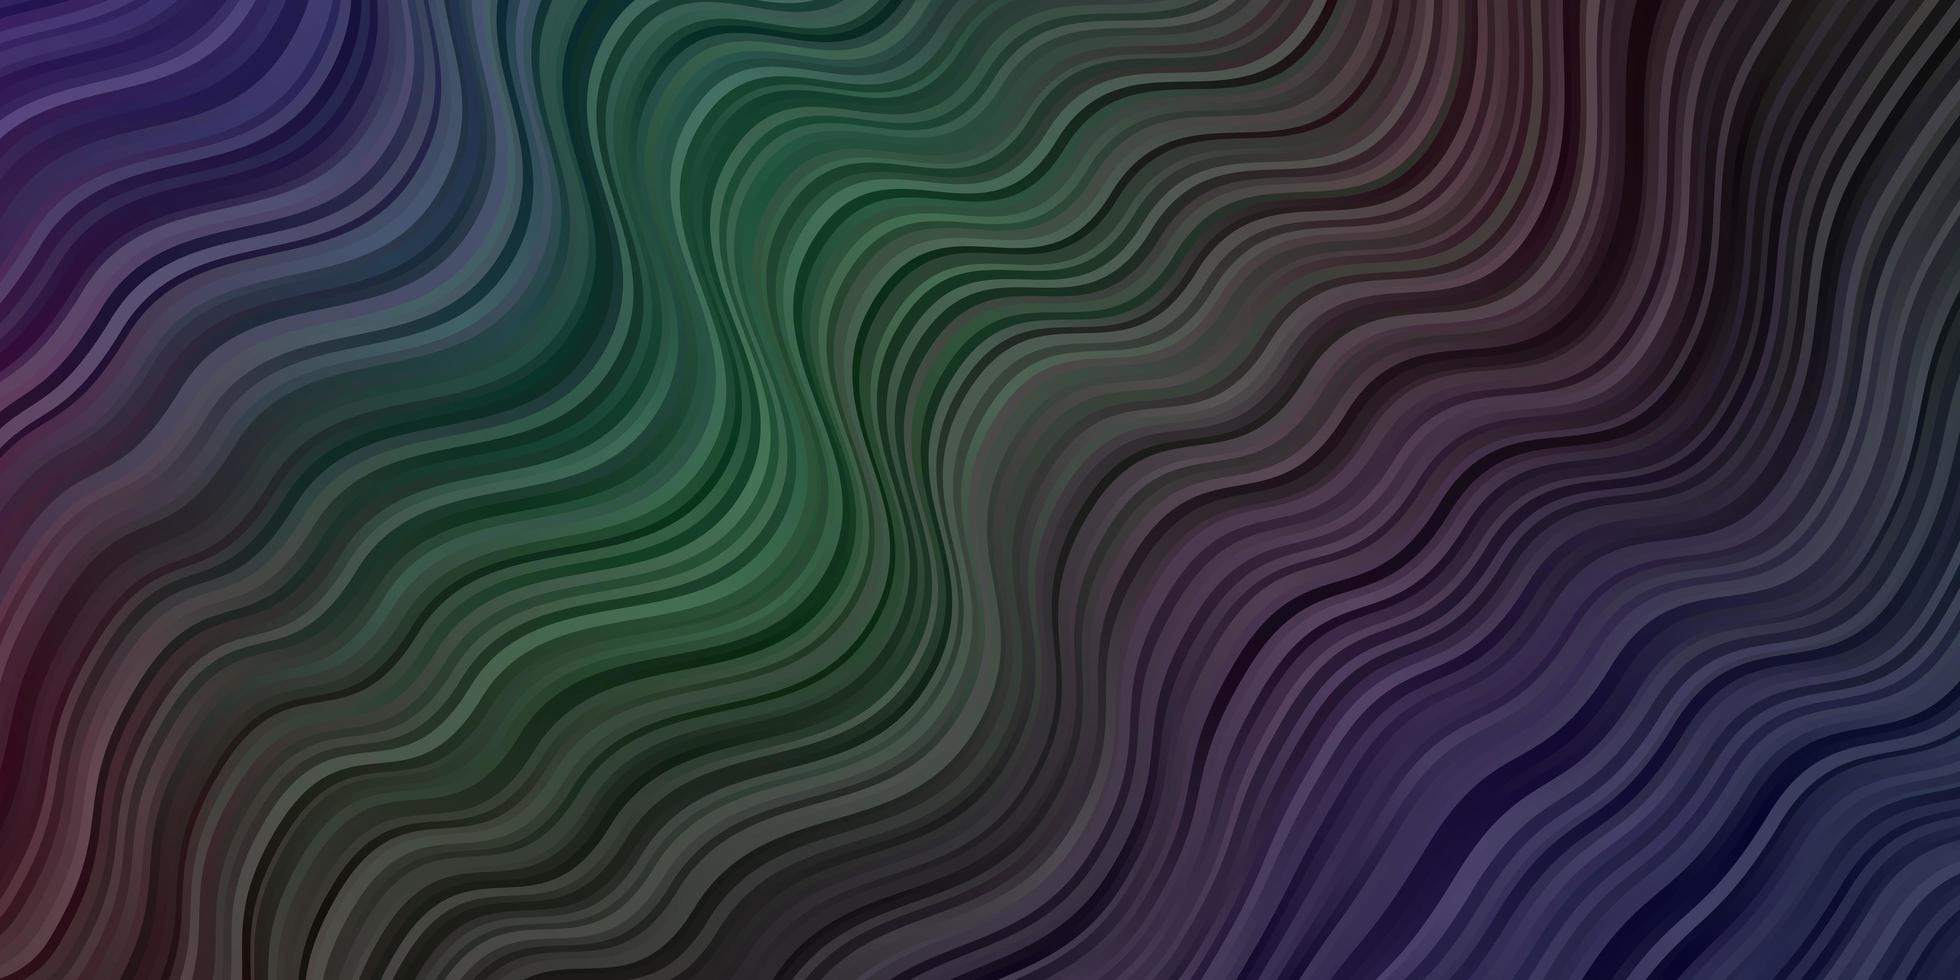 mörk flerfärgad bakgrund med böjda linjer. vektor